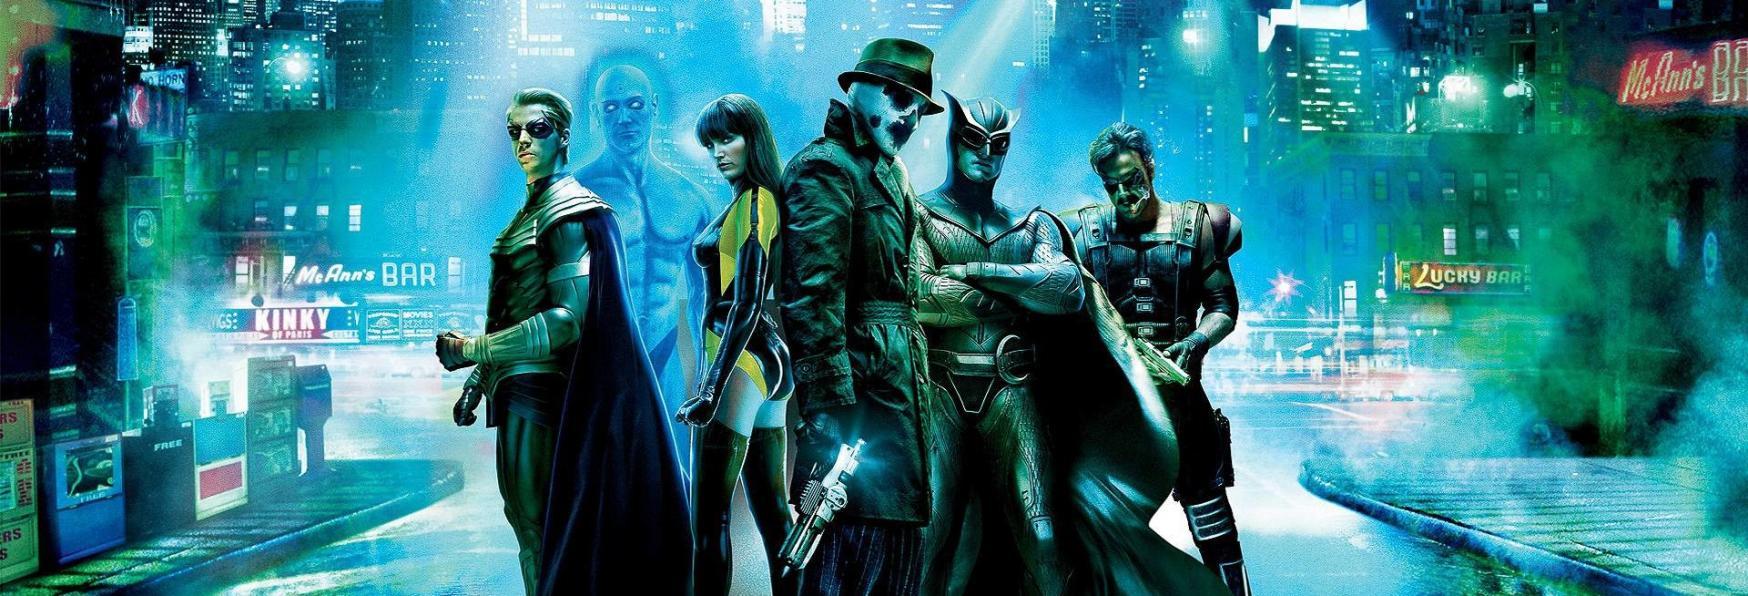 Le Migliori Soundtrack delle Serie TV: Watchmen secondo Trent Reznor e Atticus Ross